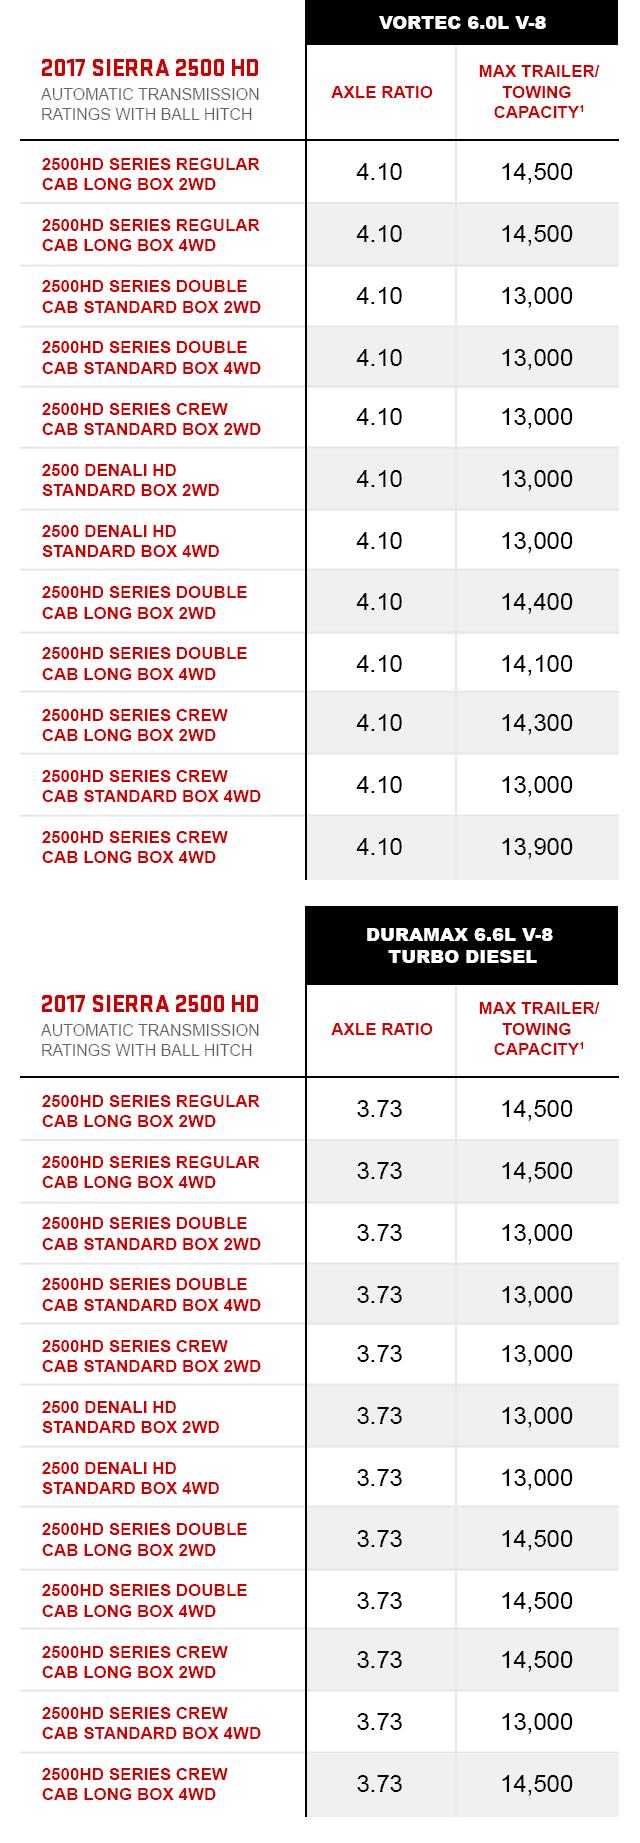 2017 Gmc Acadia Towing Capacity >> Gmc Acadia Towing Capacity Chart | 2019 Trucks